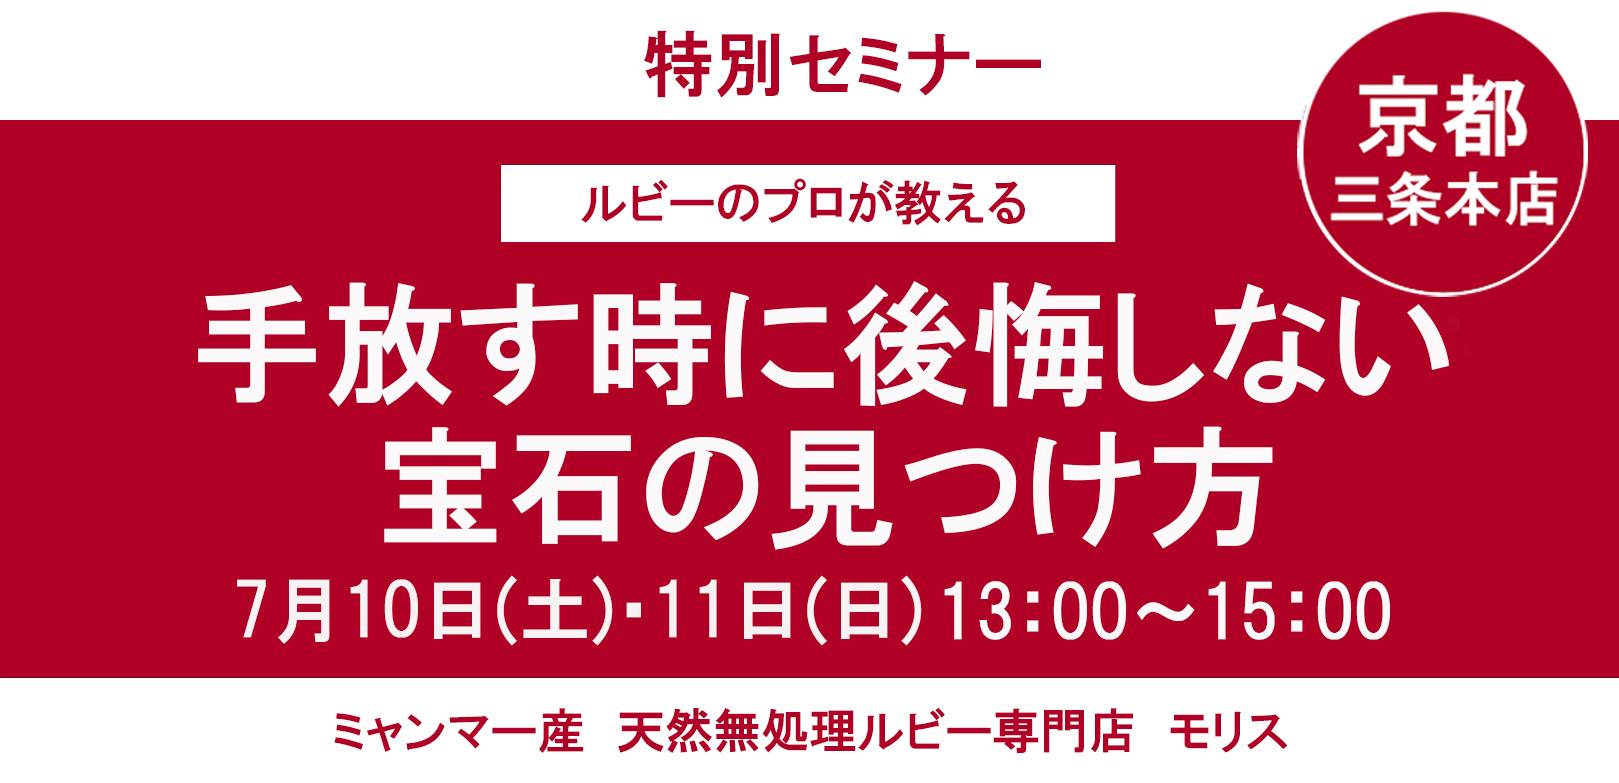 セミナータイトル京都7月